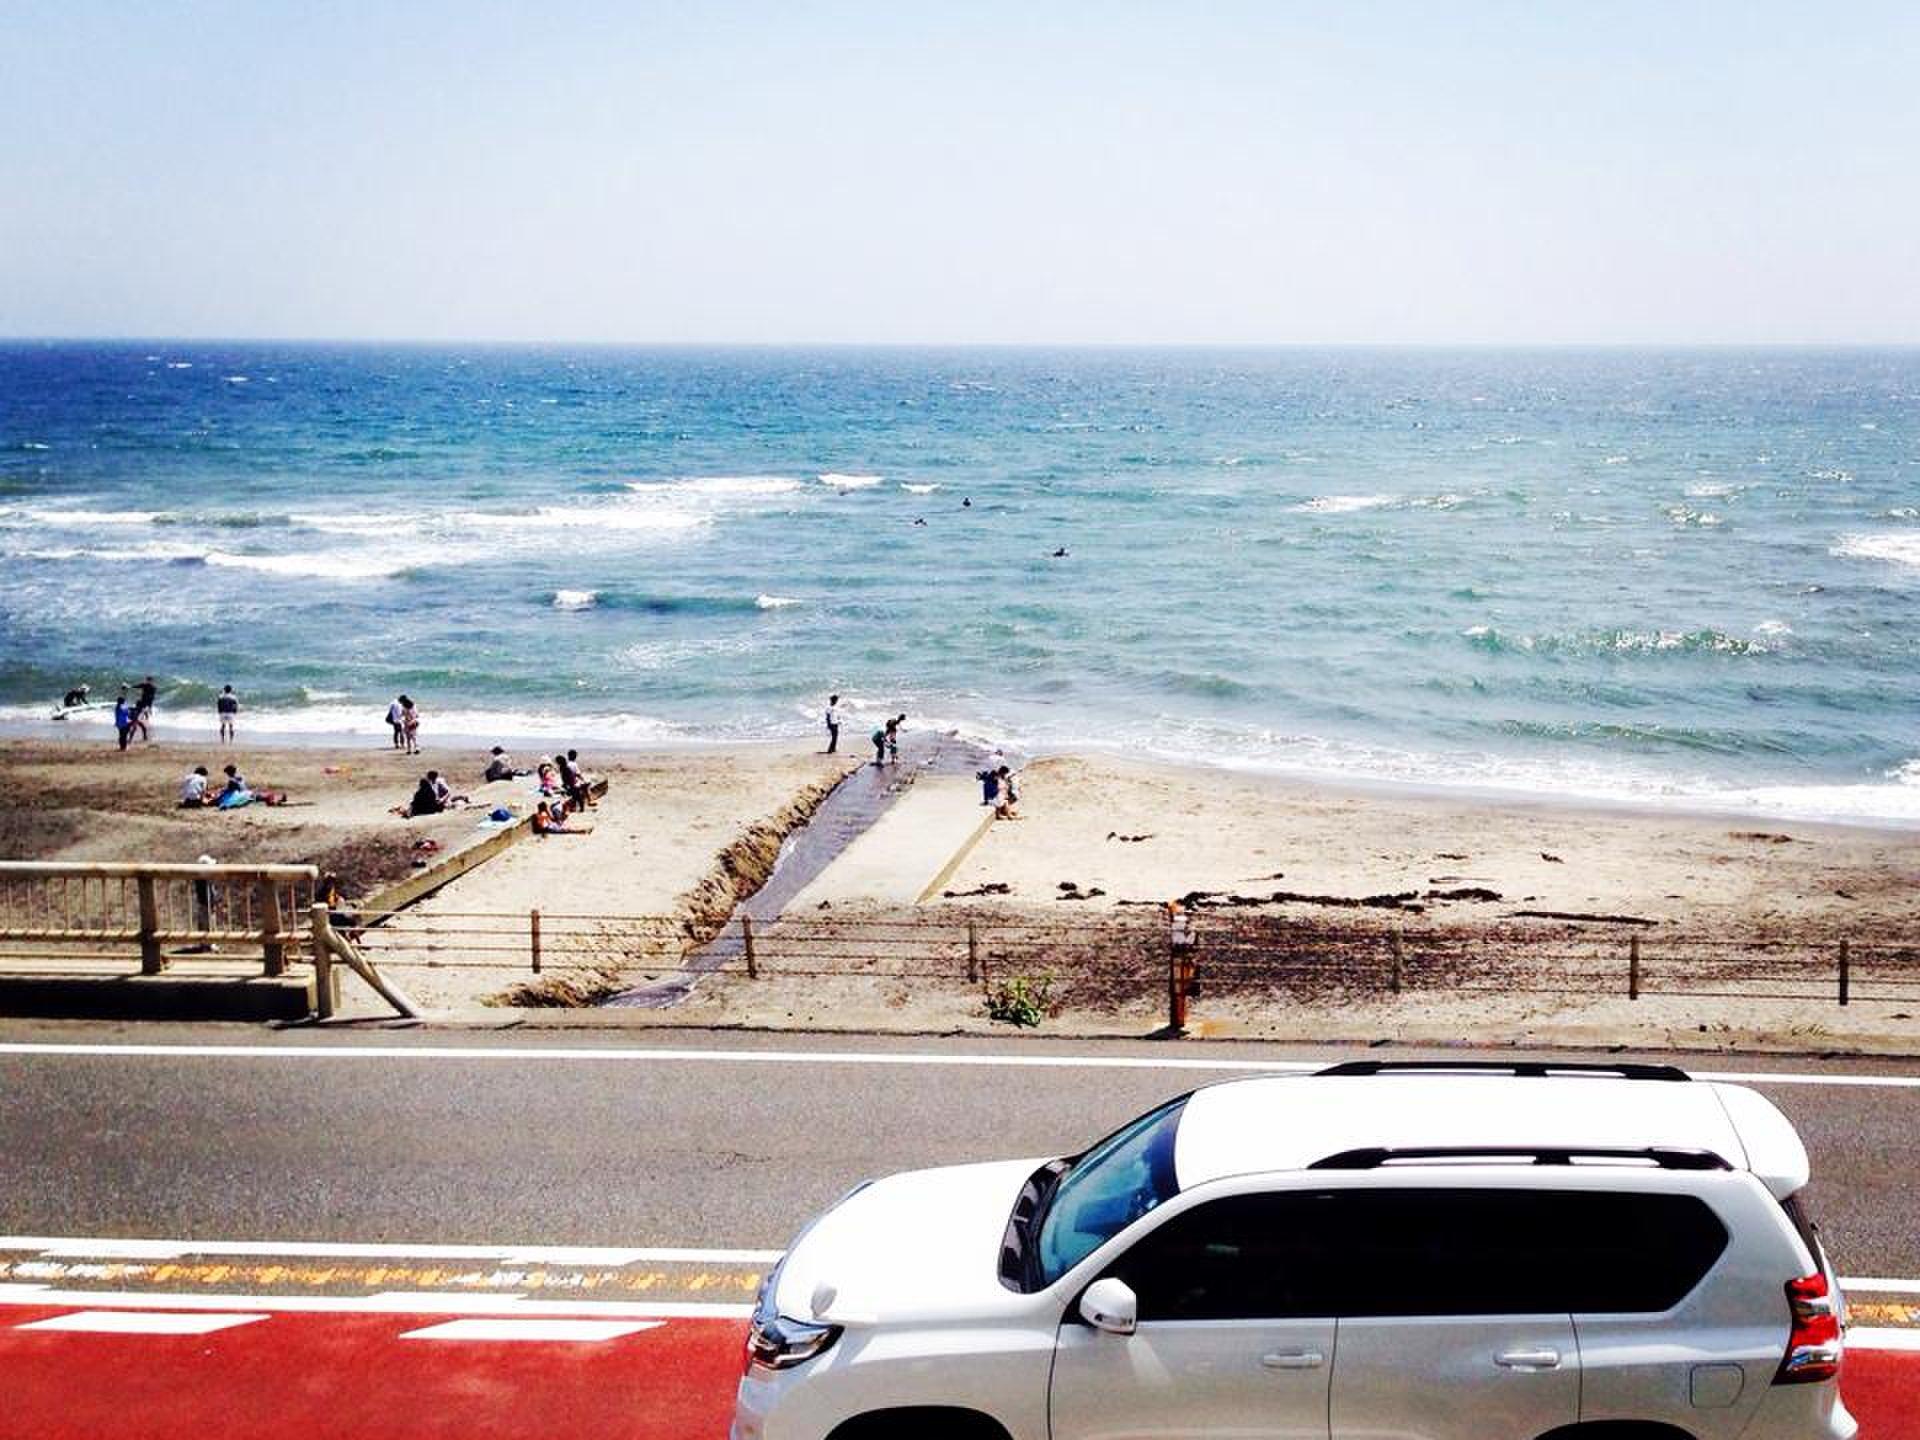 夏こそ実践!関東で海を望むおすすめデートスポット【葉山・七里ヶ浜・江ノ島】